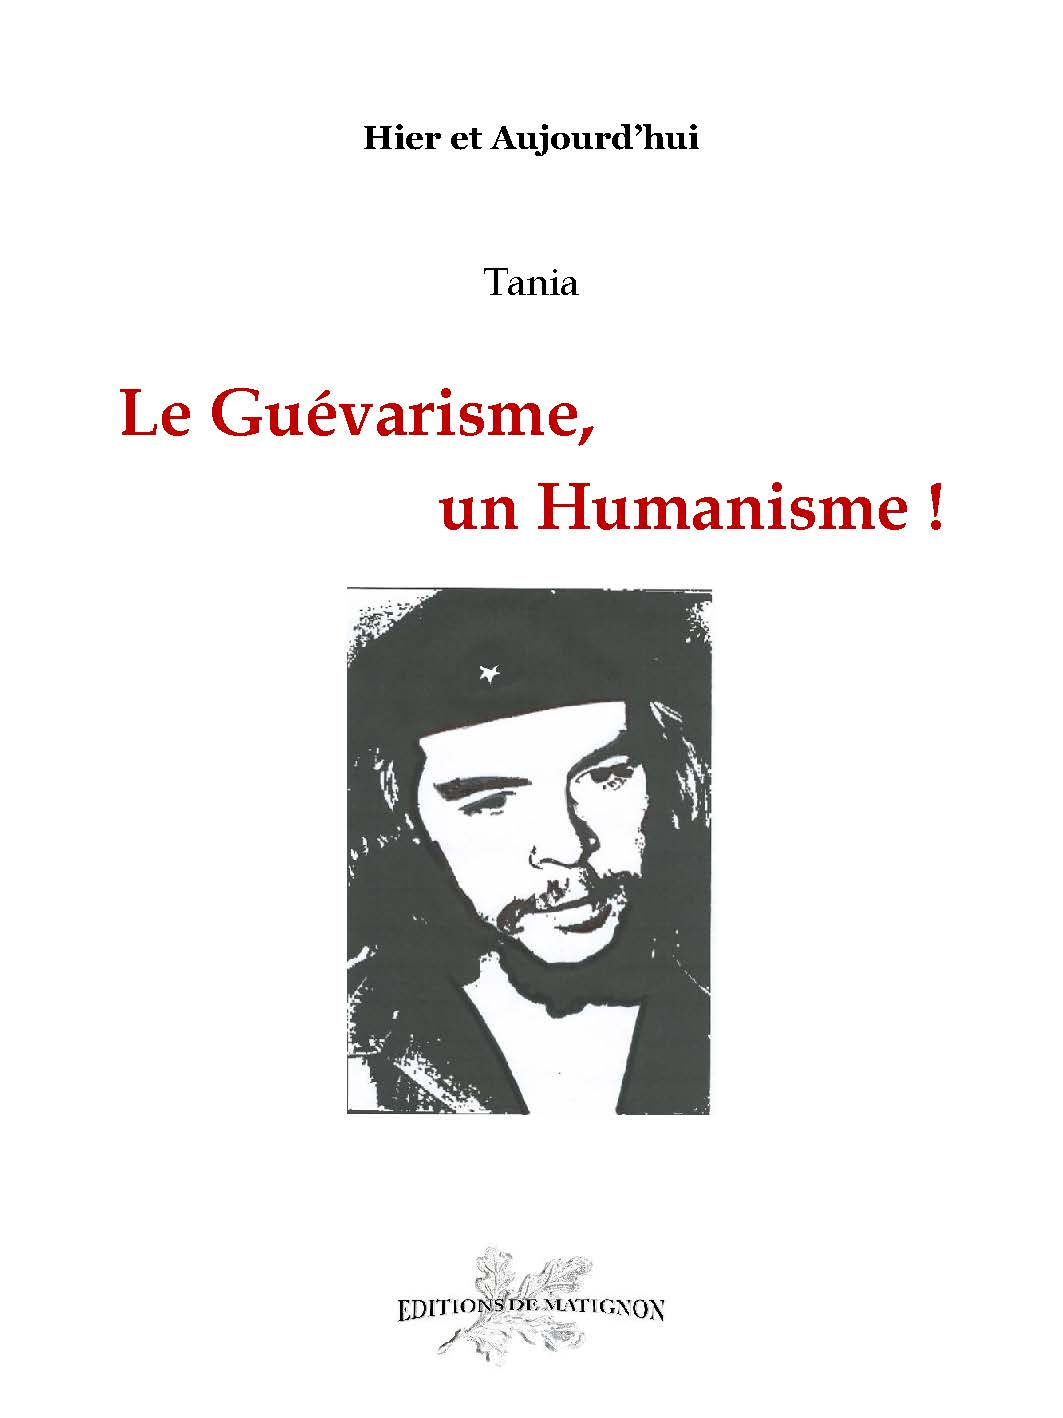 Le Guévarisme, un Humanisme !